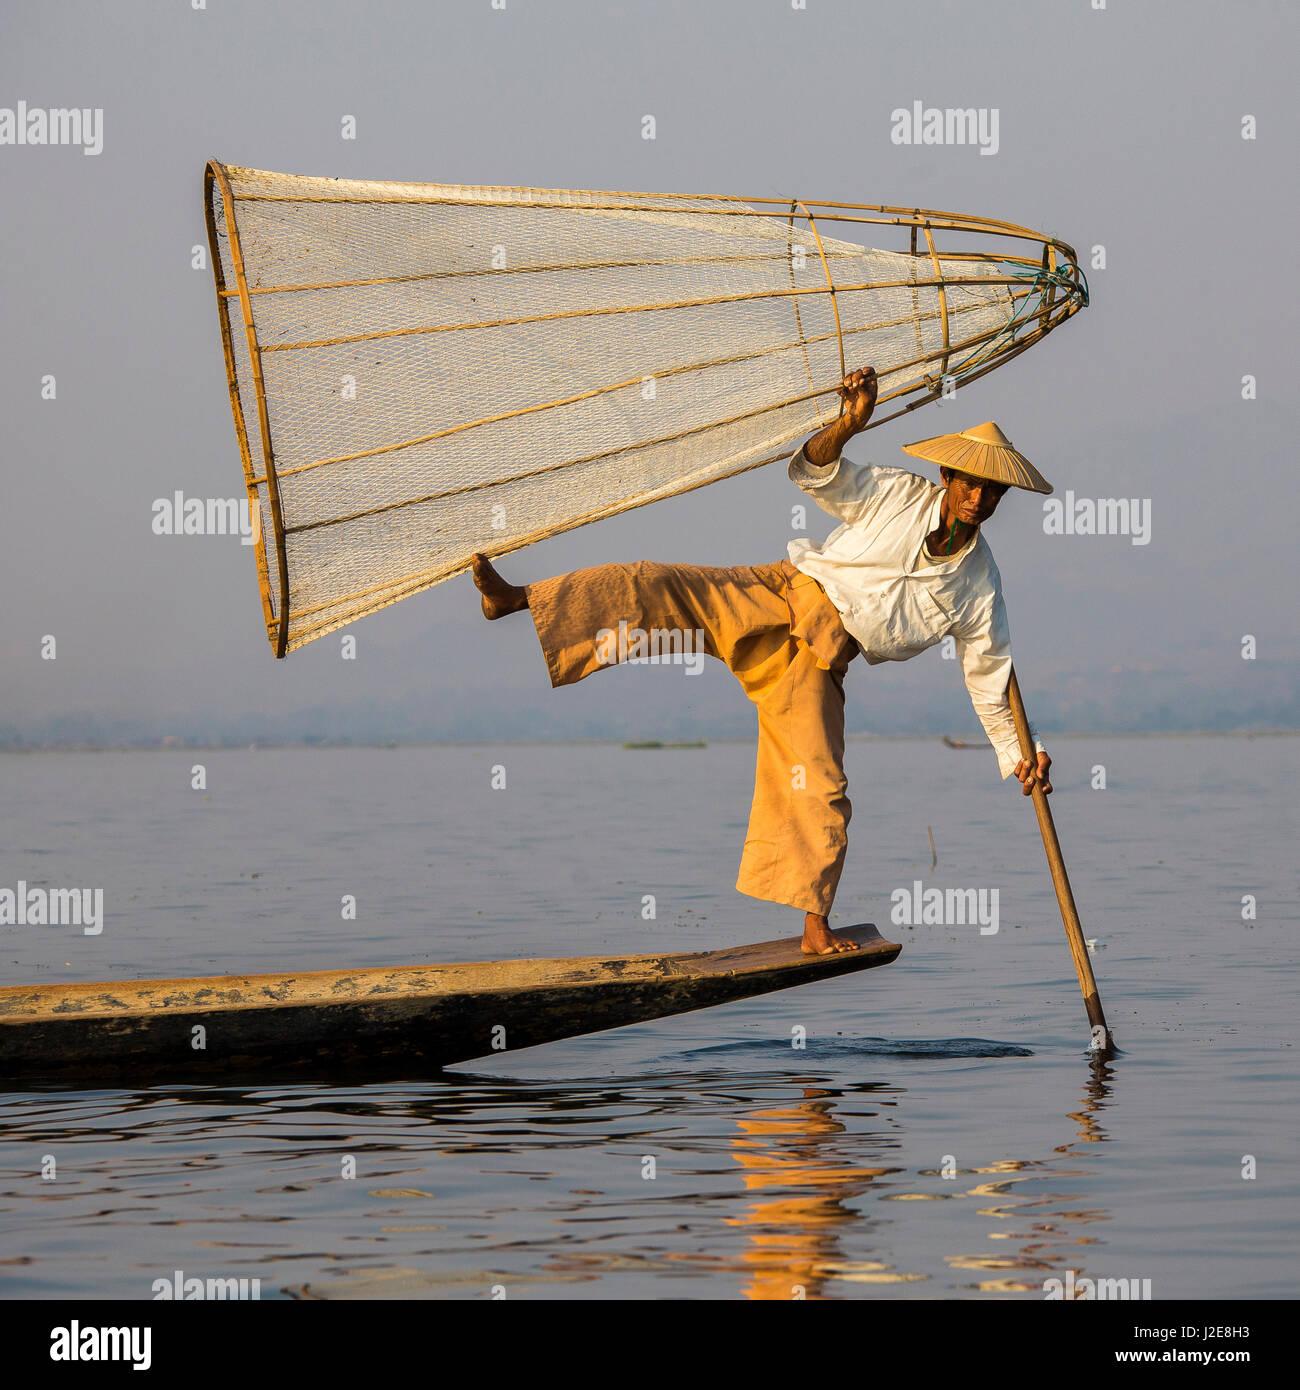 Pierna estilo de remo, pescadores Intha en Lago Inle, Myanmar Imagen De Stock